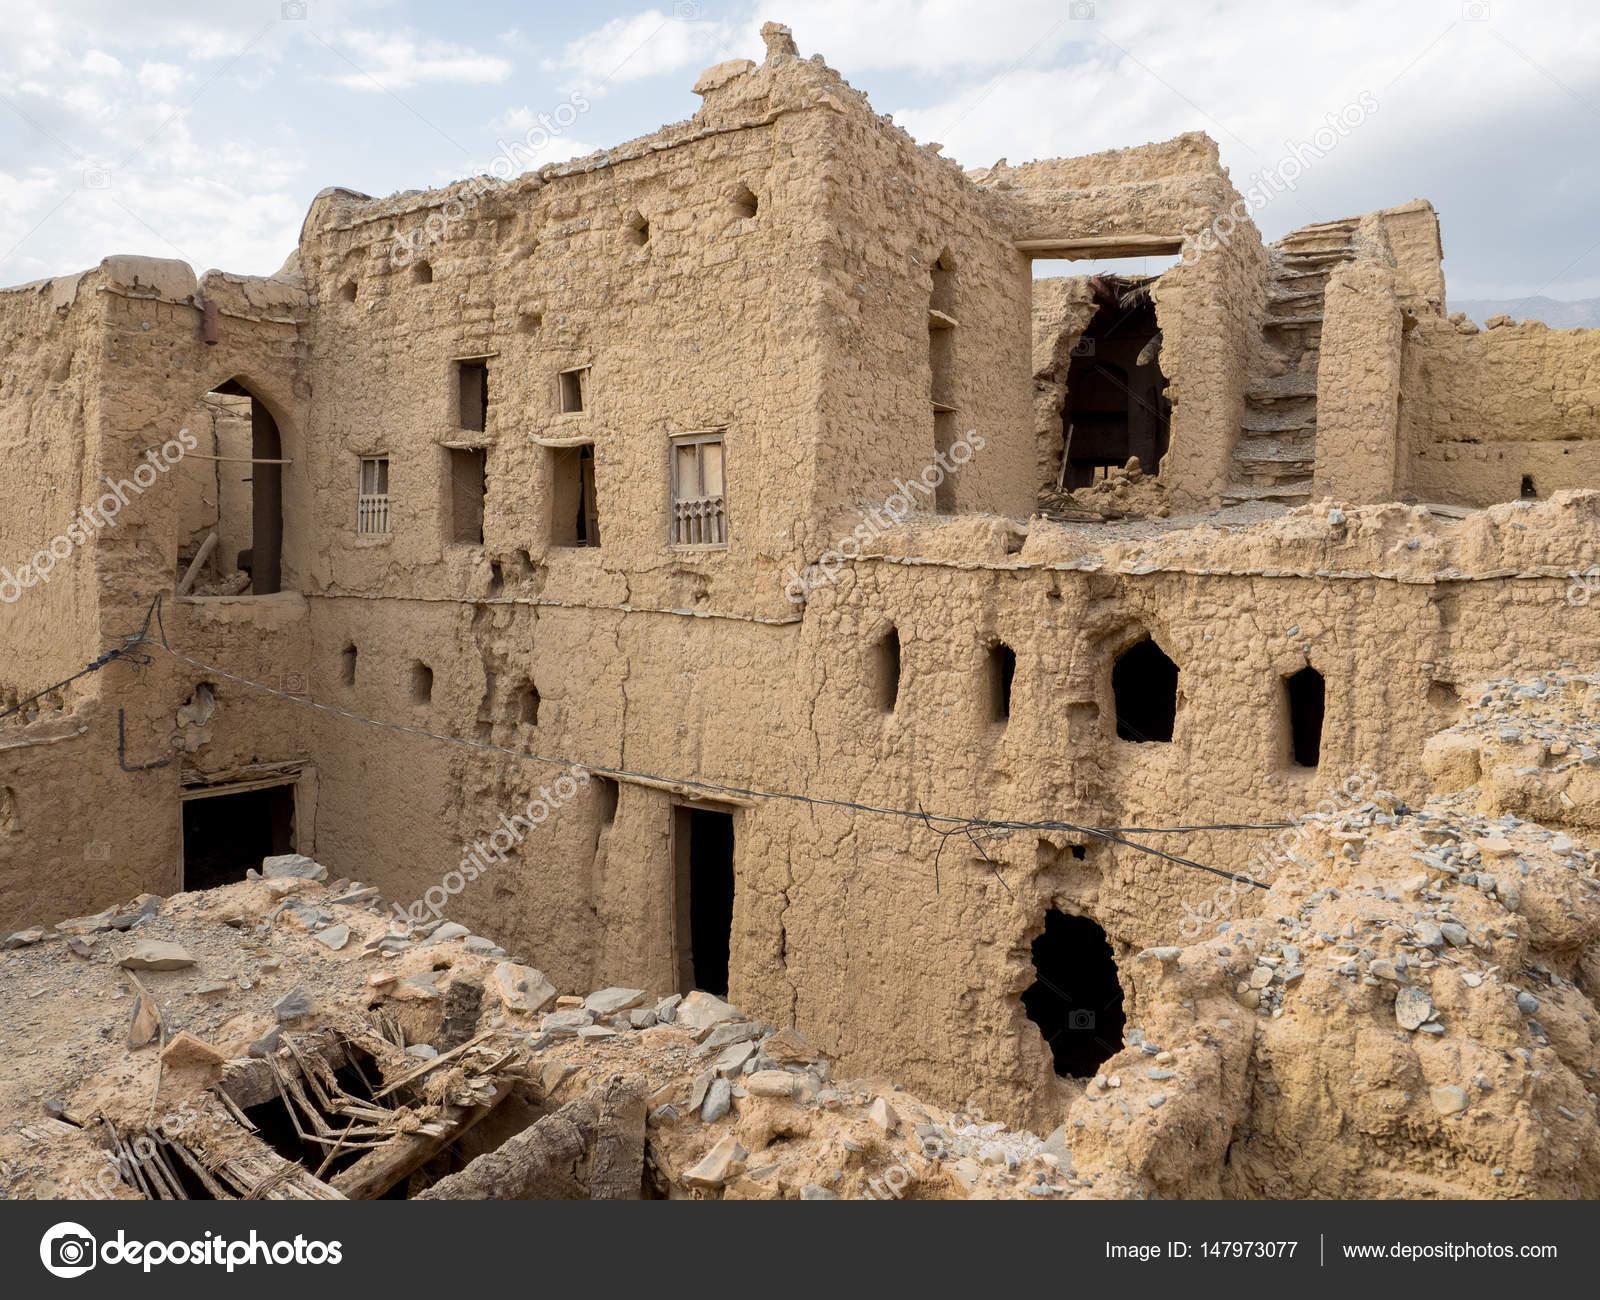 Case Di Mattoni Di Fango : Immagini stock esterno della torre di mattoni di fango case di